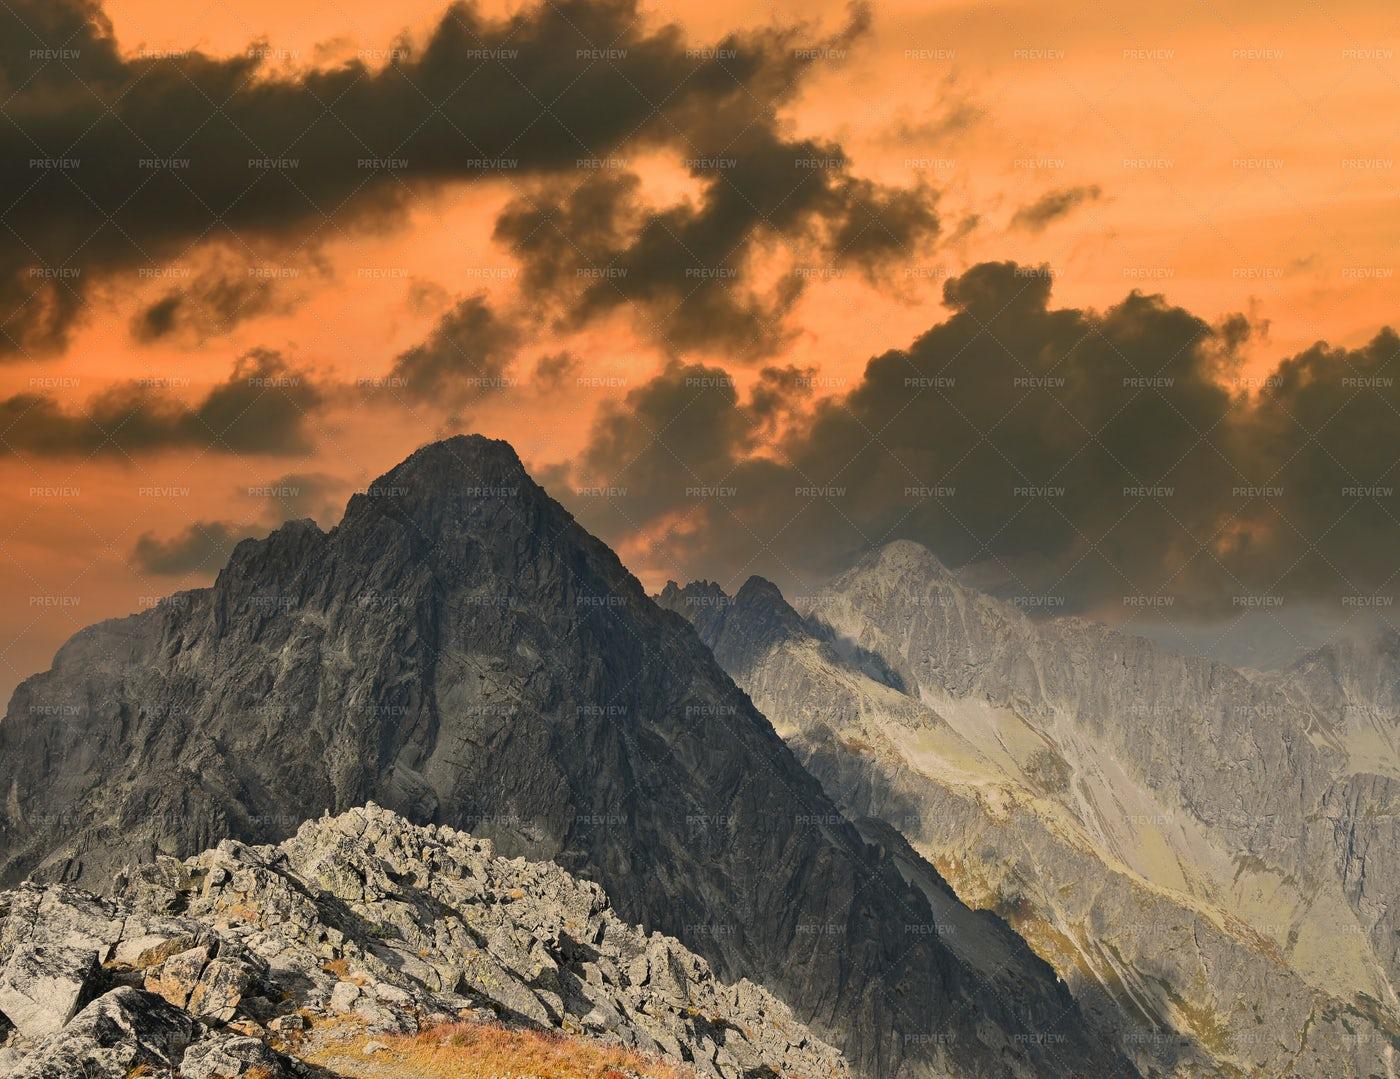 Mountain Ridge In Sunset: Stock Photos